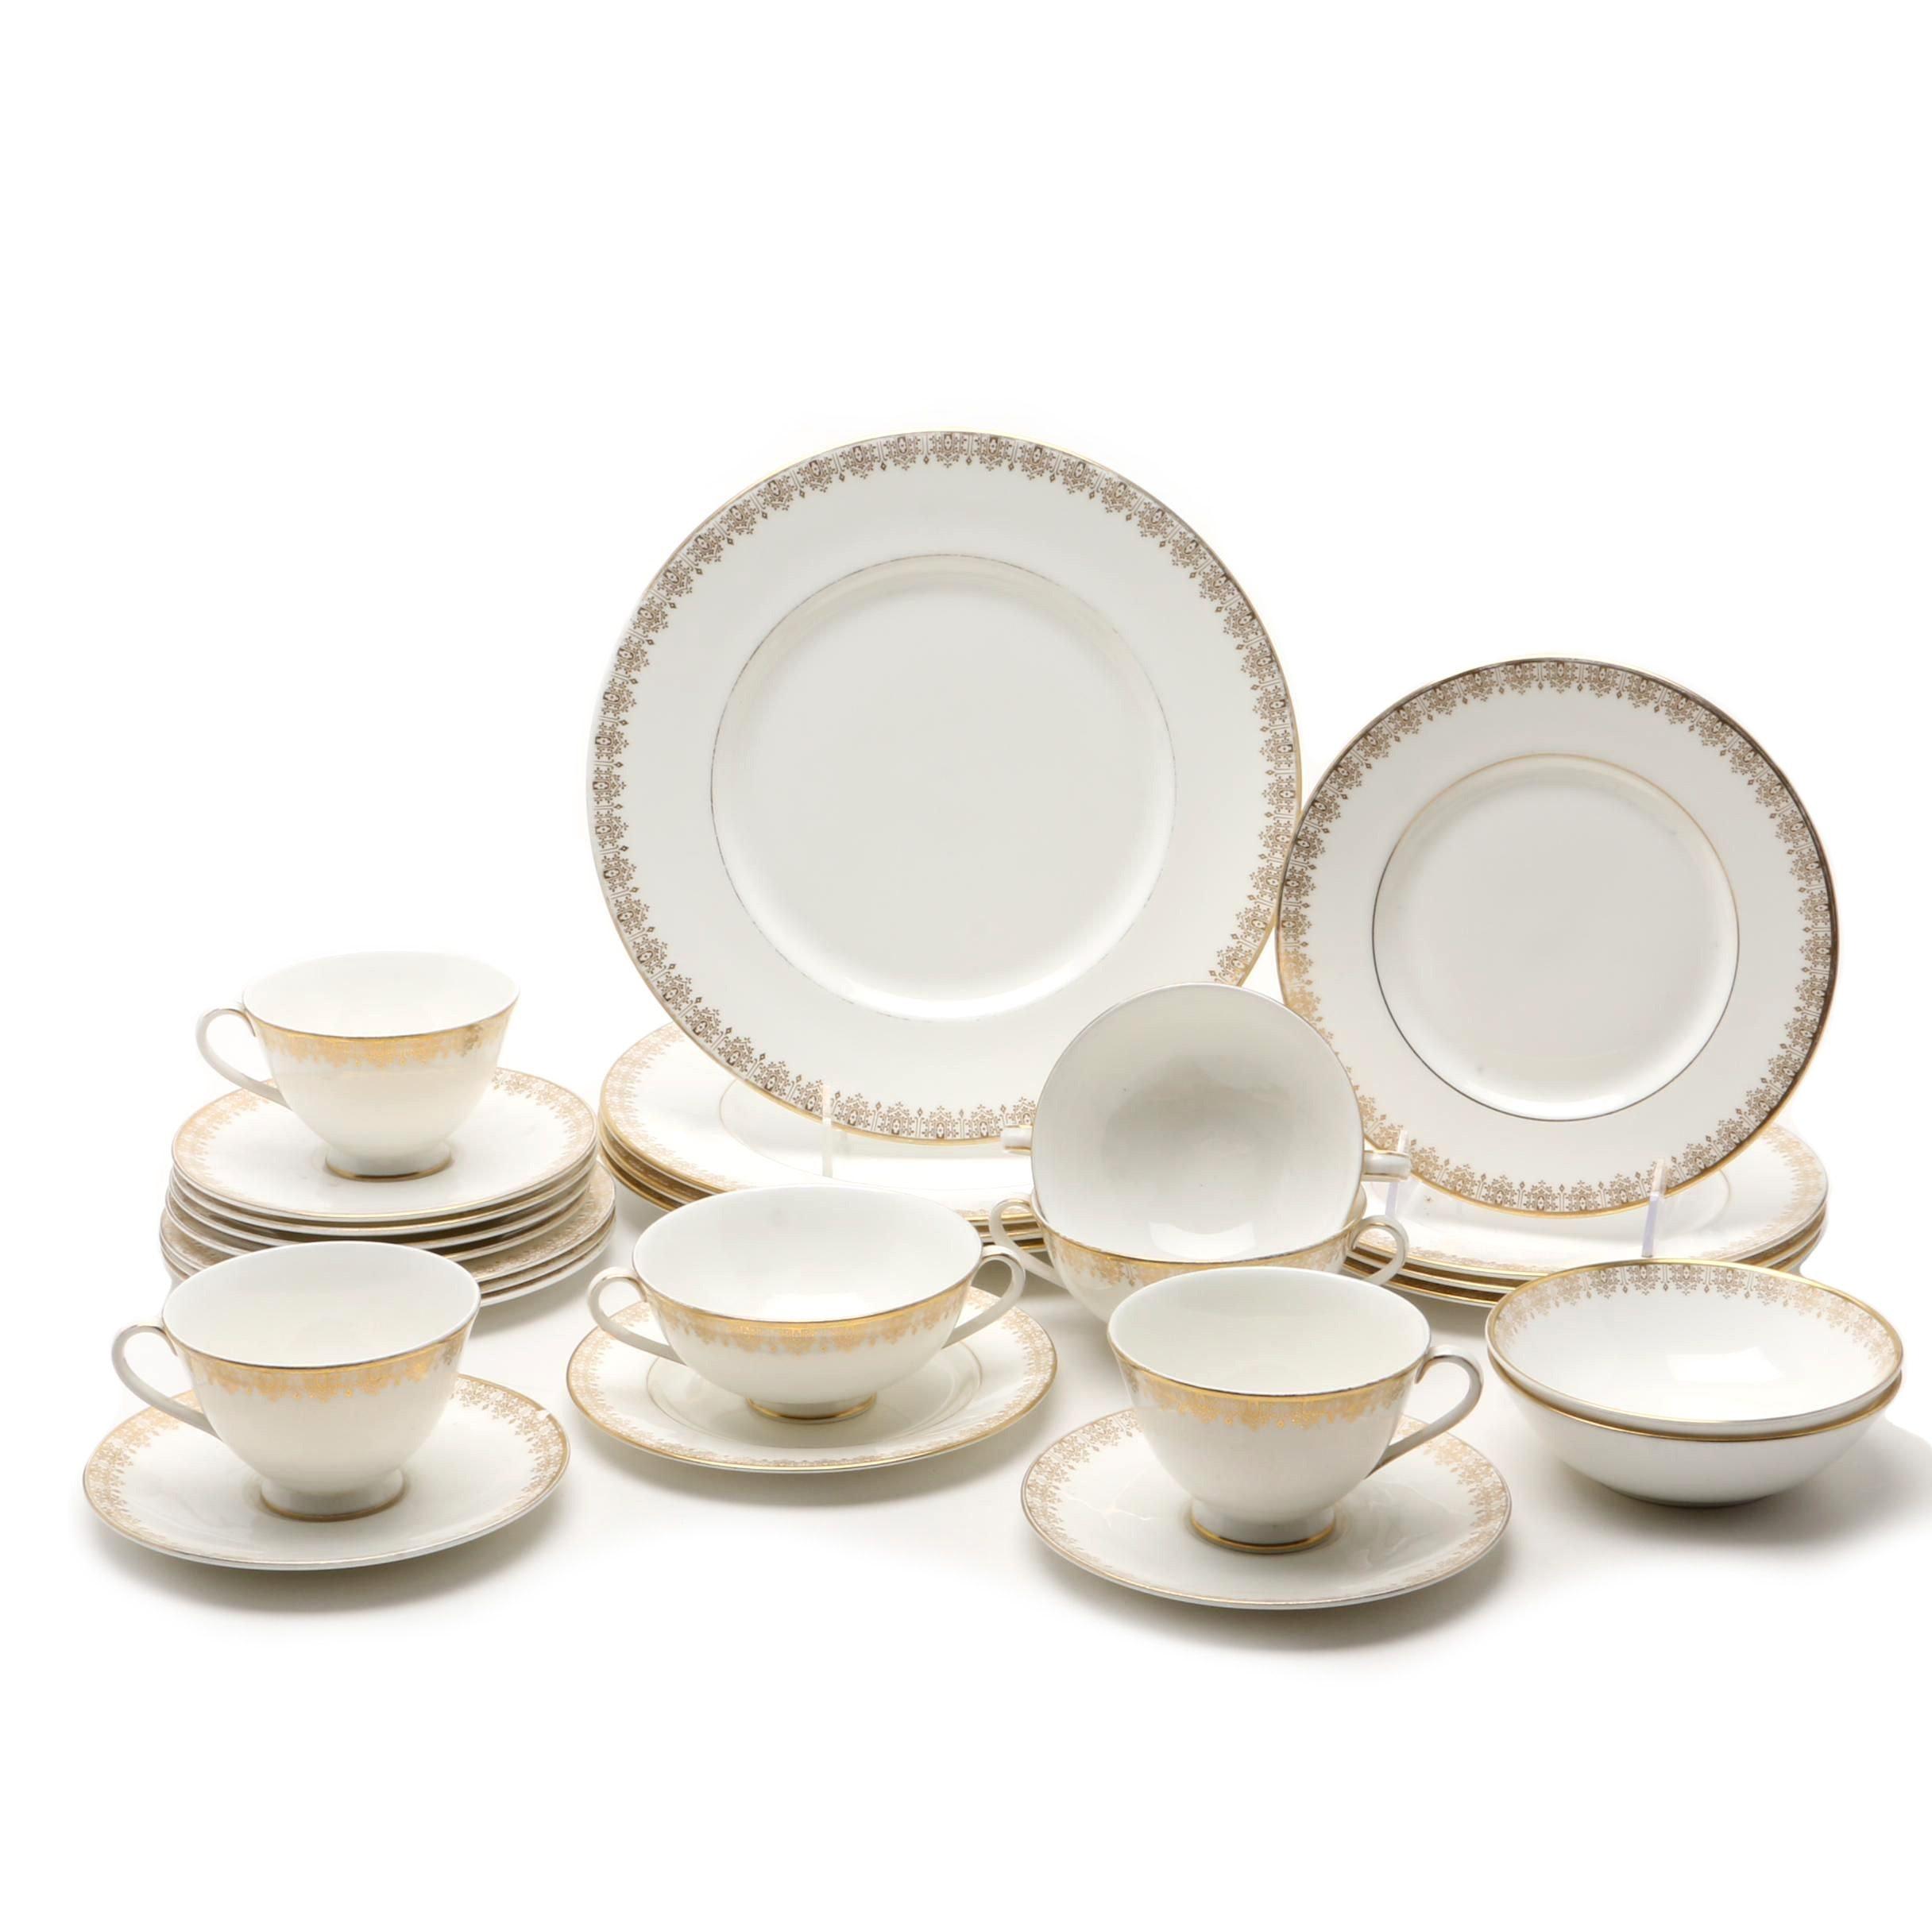 """Royal Doulton Porcelain """"Gold Lace"""" Part Dinner Service, 20th Century"""